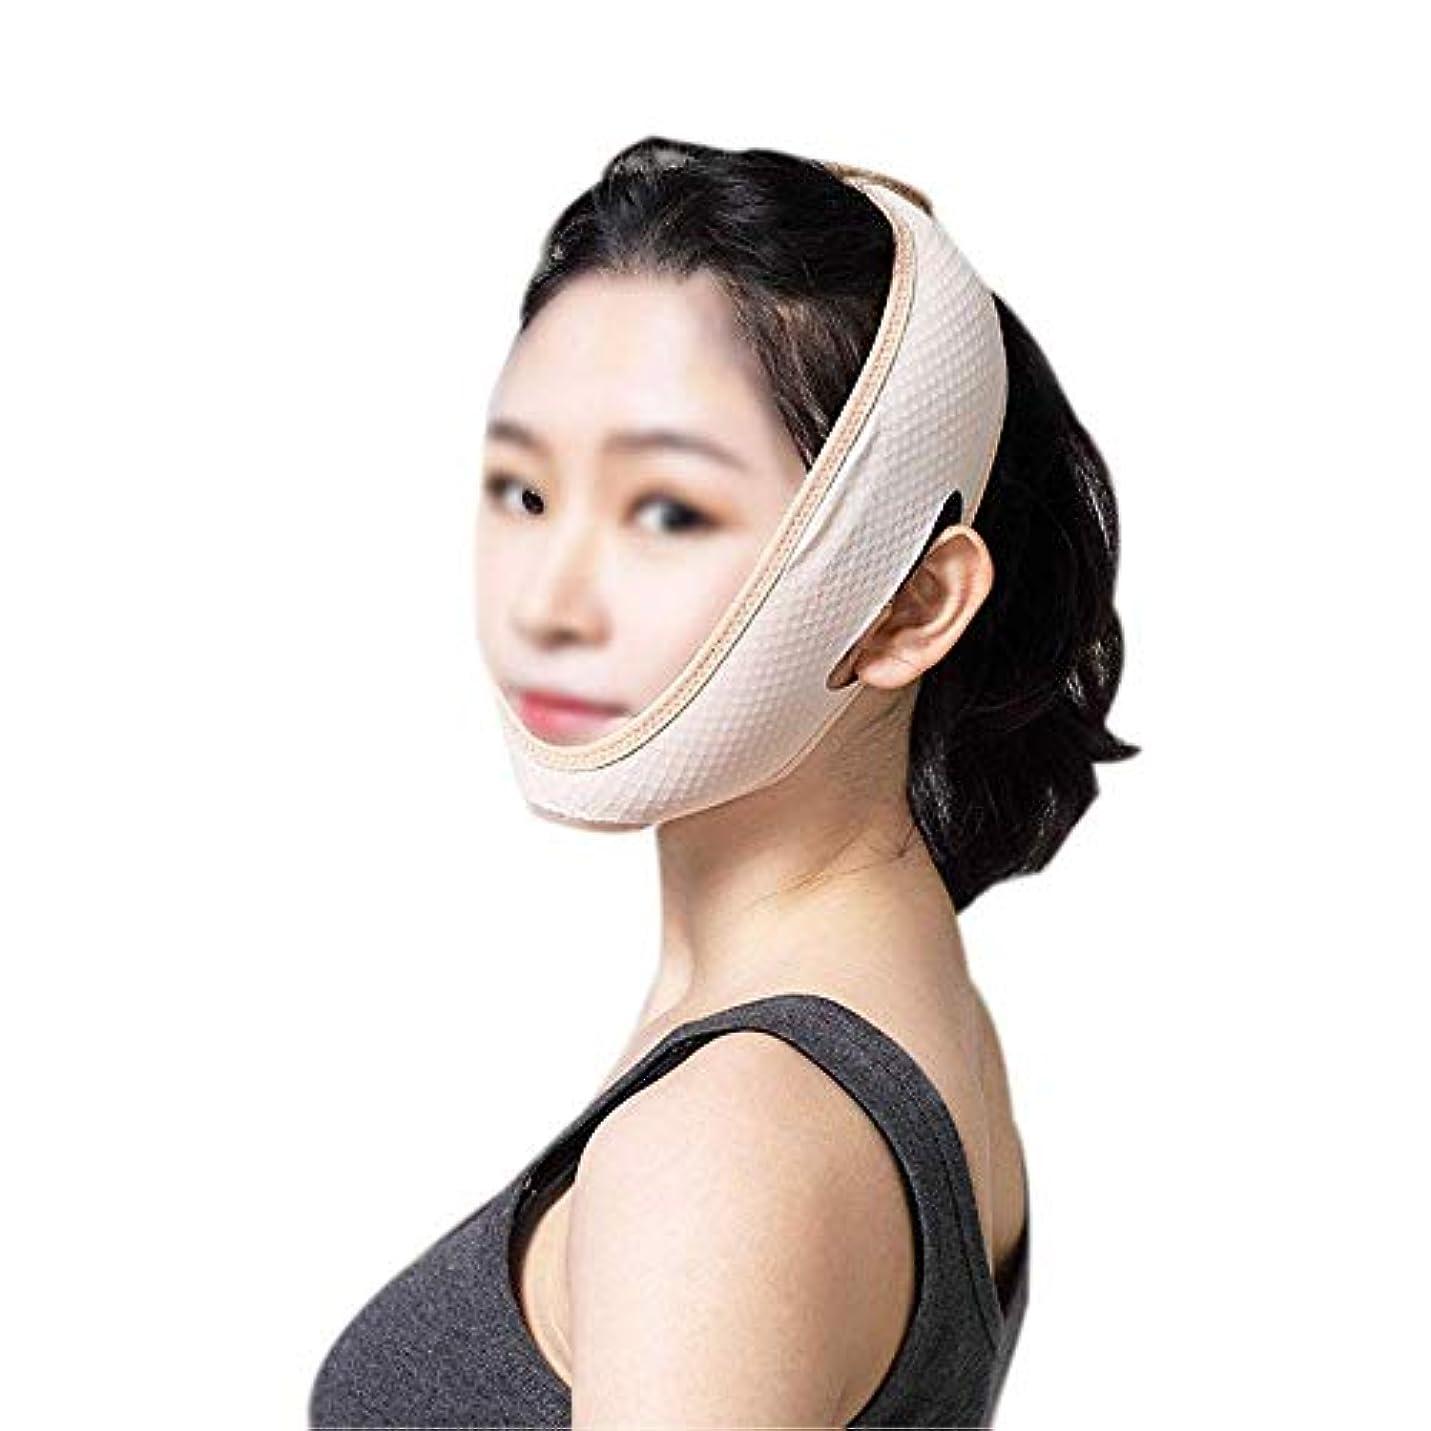 動員するを通して申し立てフェイスリフティングバンデージ、肌の引き締めを強化する薄いフェイスマスクの睡眠、ダブルチンマスクの削減